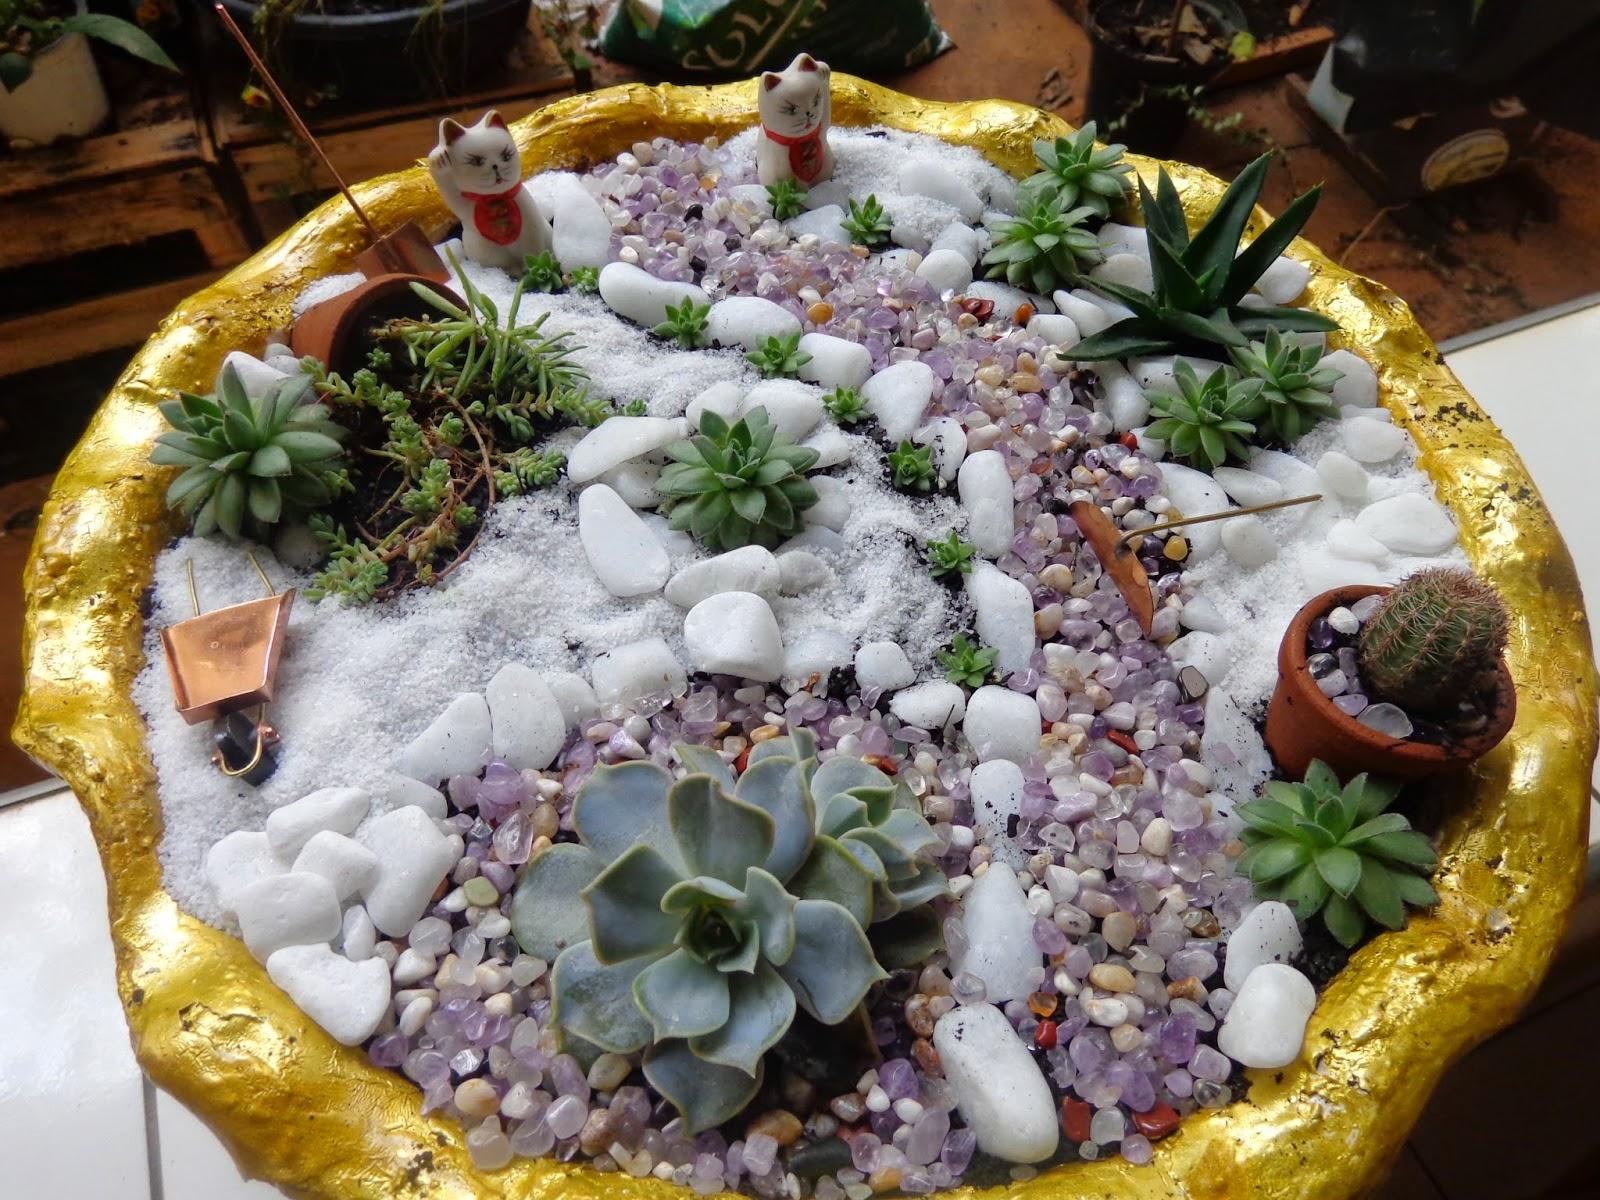 Minijardim de cactos e suculentas  Diário de uma Sementeira